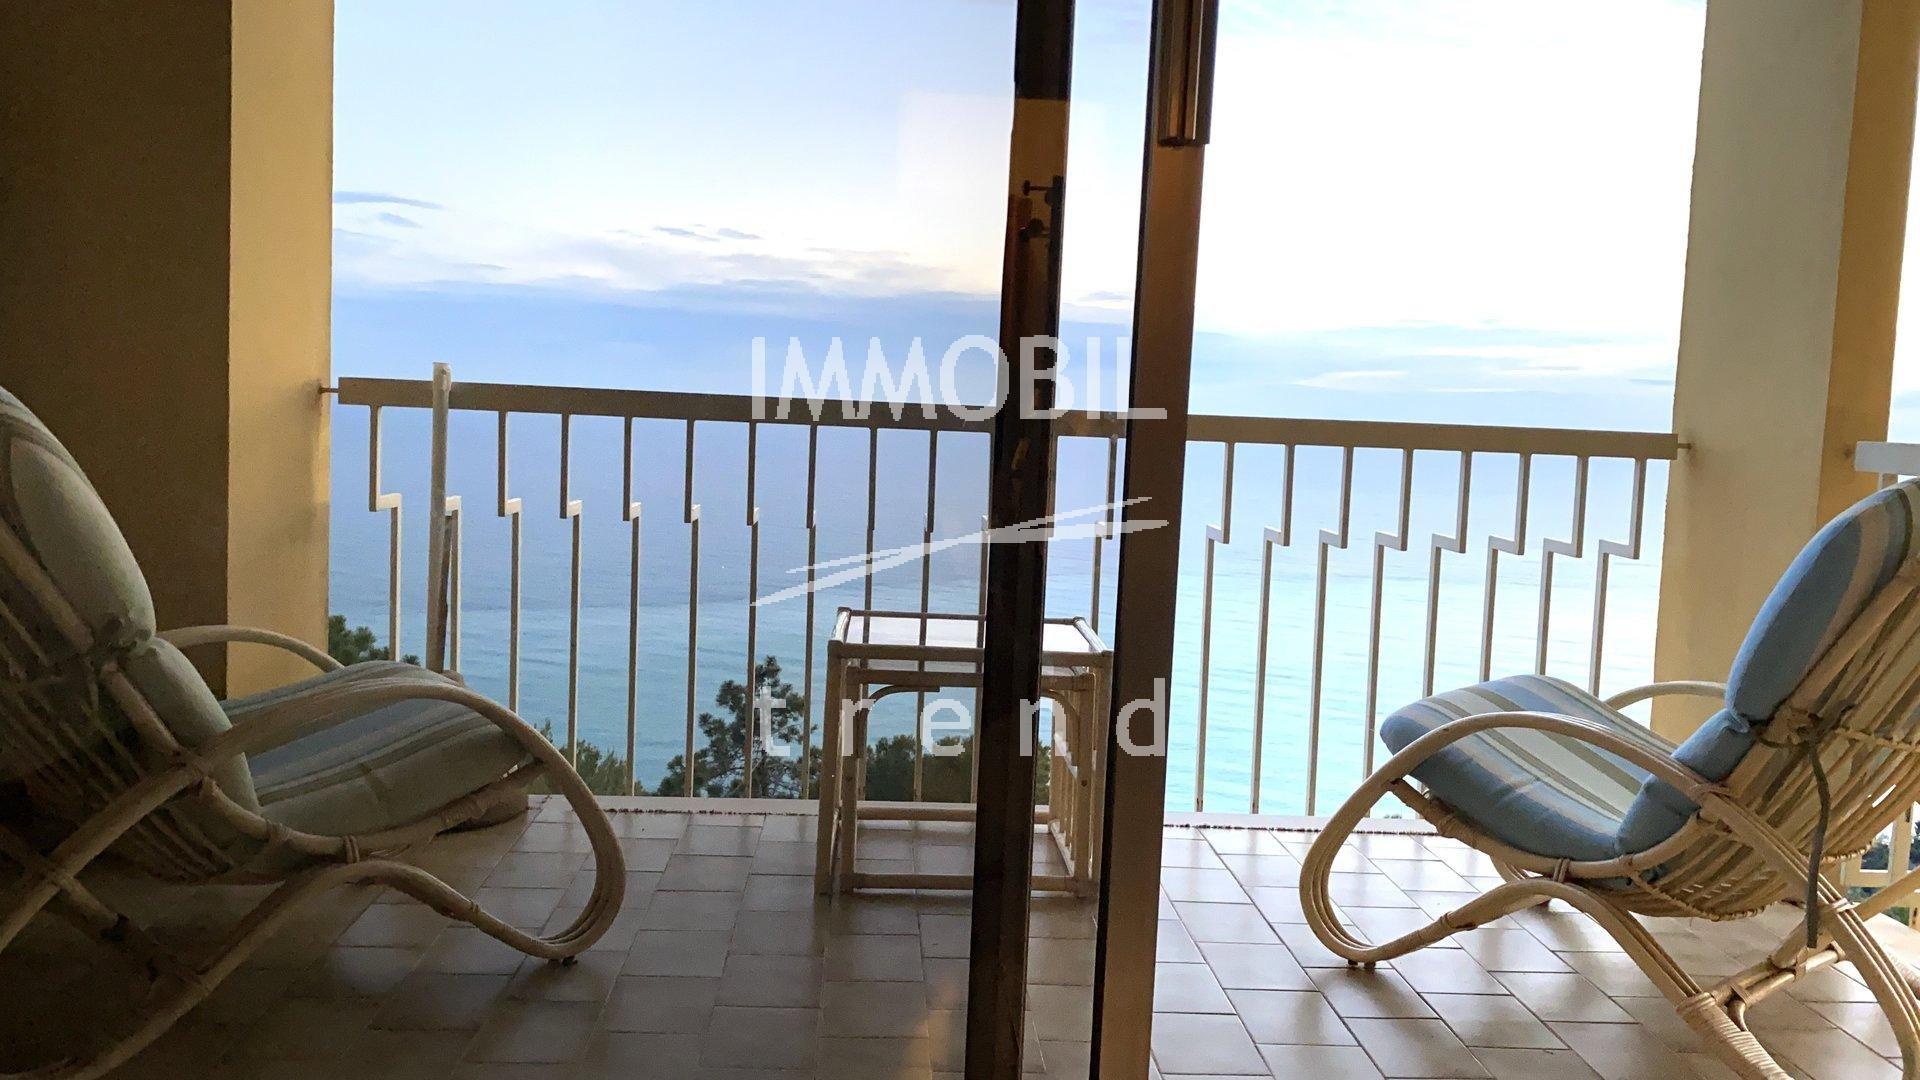 Immobilier Italie - A vendre, appartement quatre pièces avec vue mer panoramique, dans une résidence avec piscine